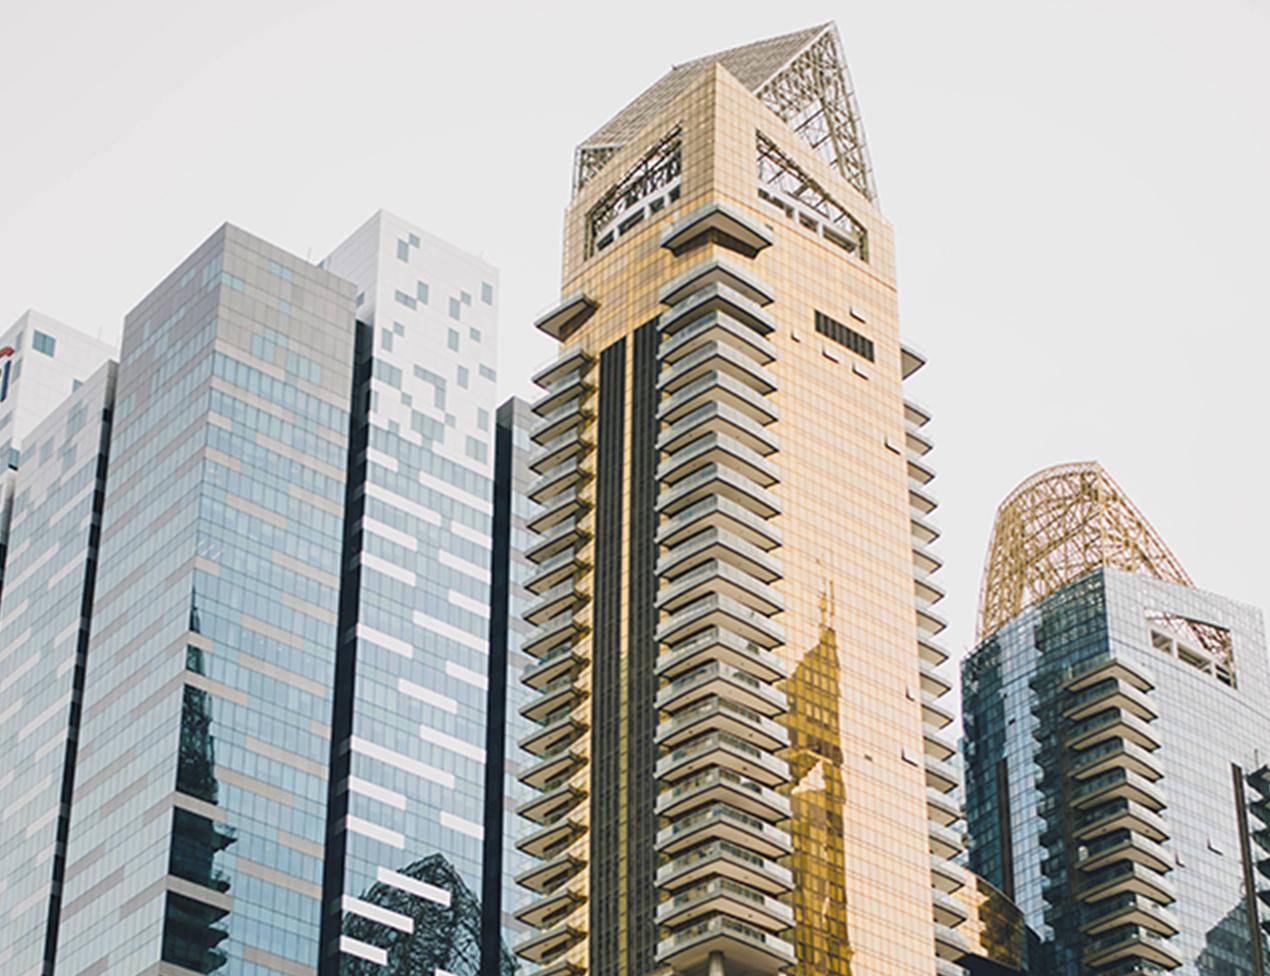 global asset management firm